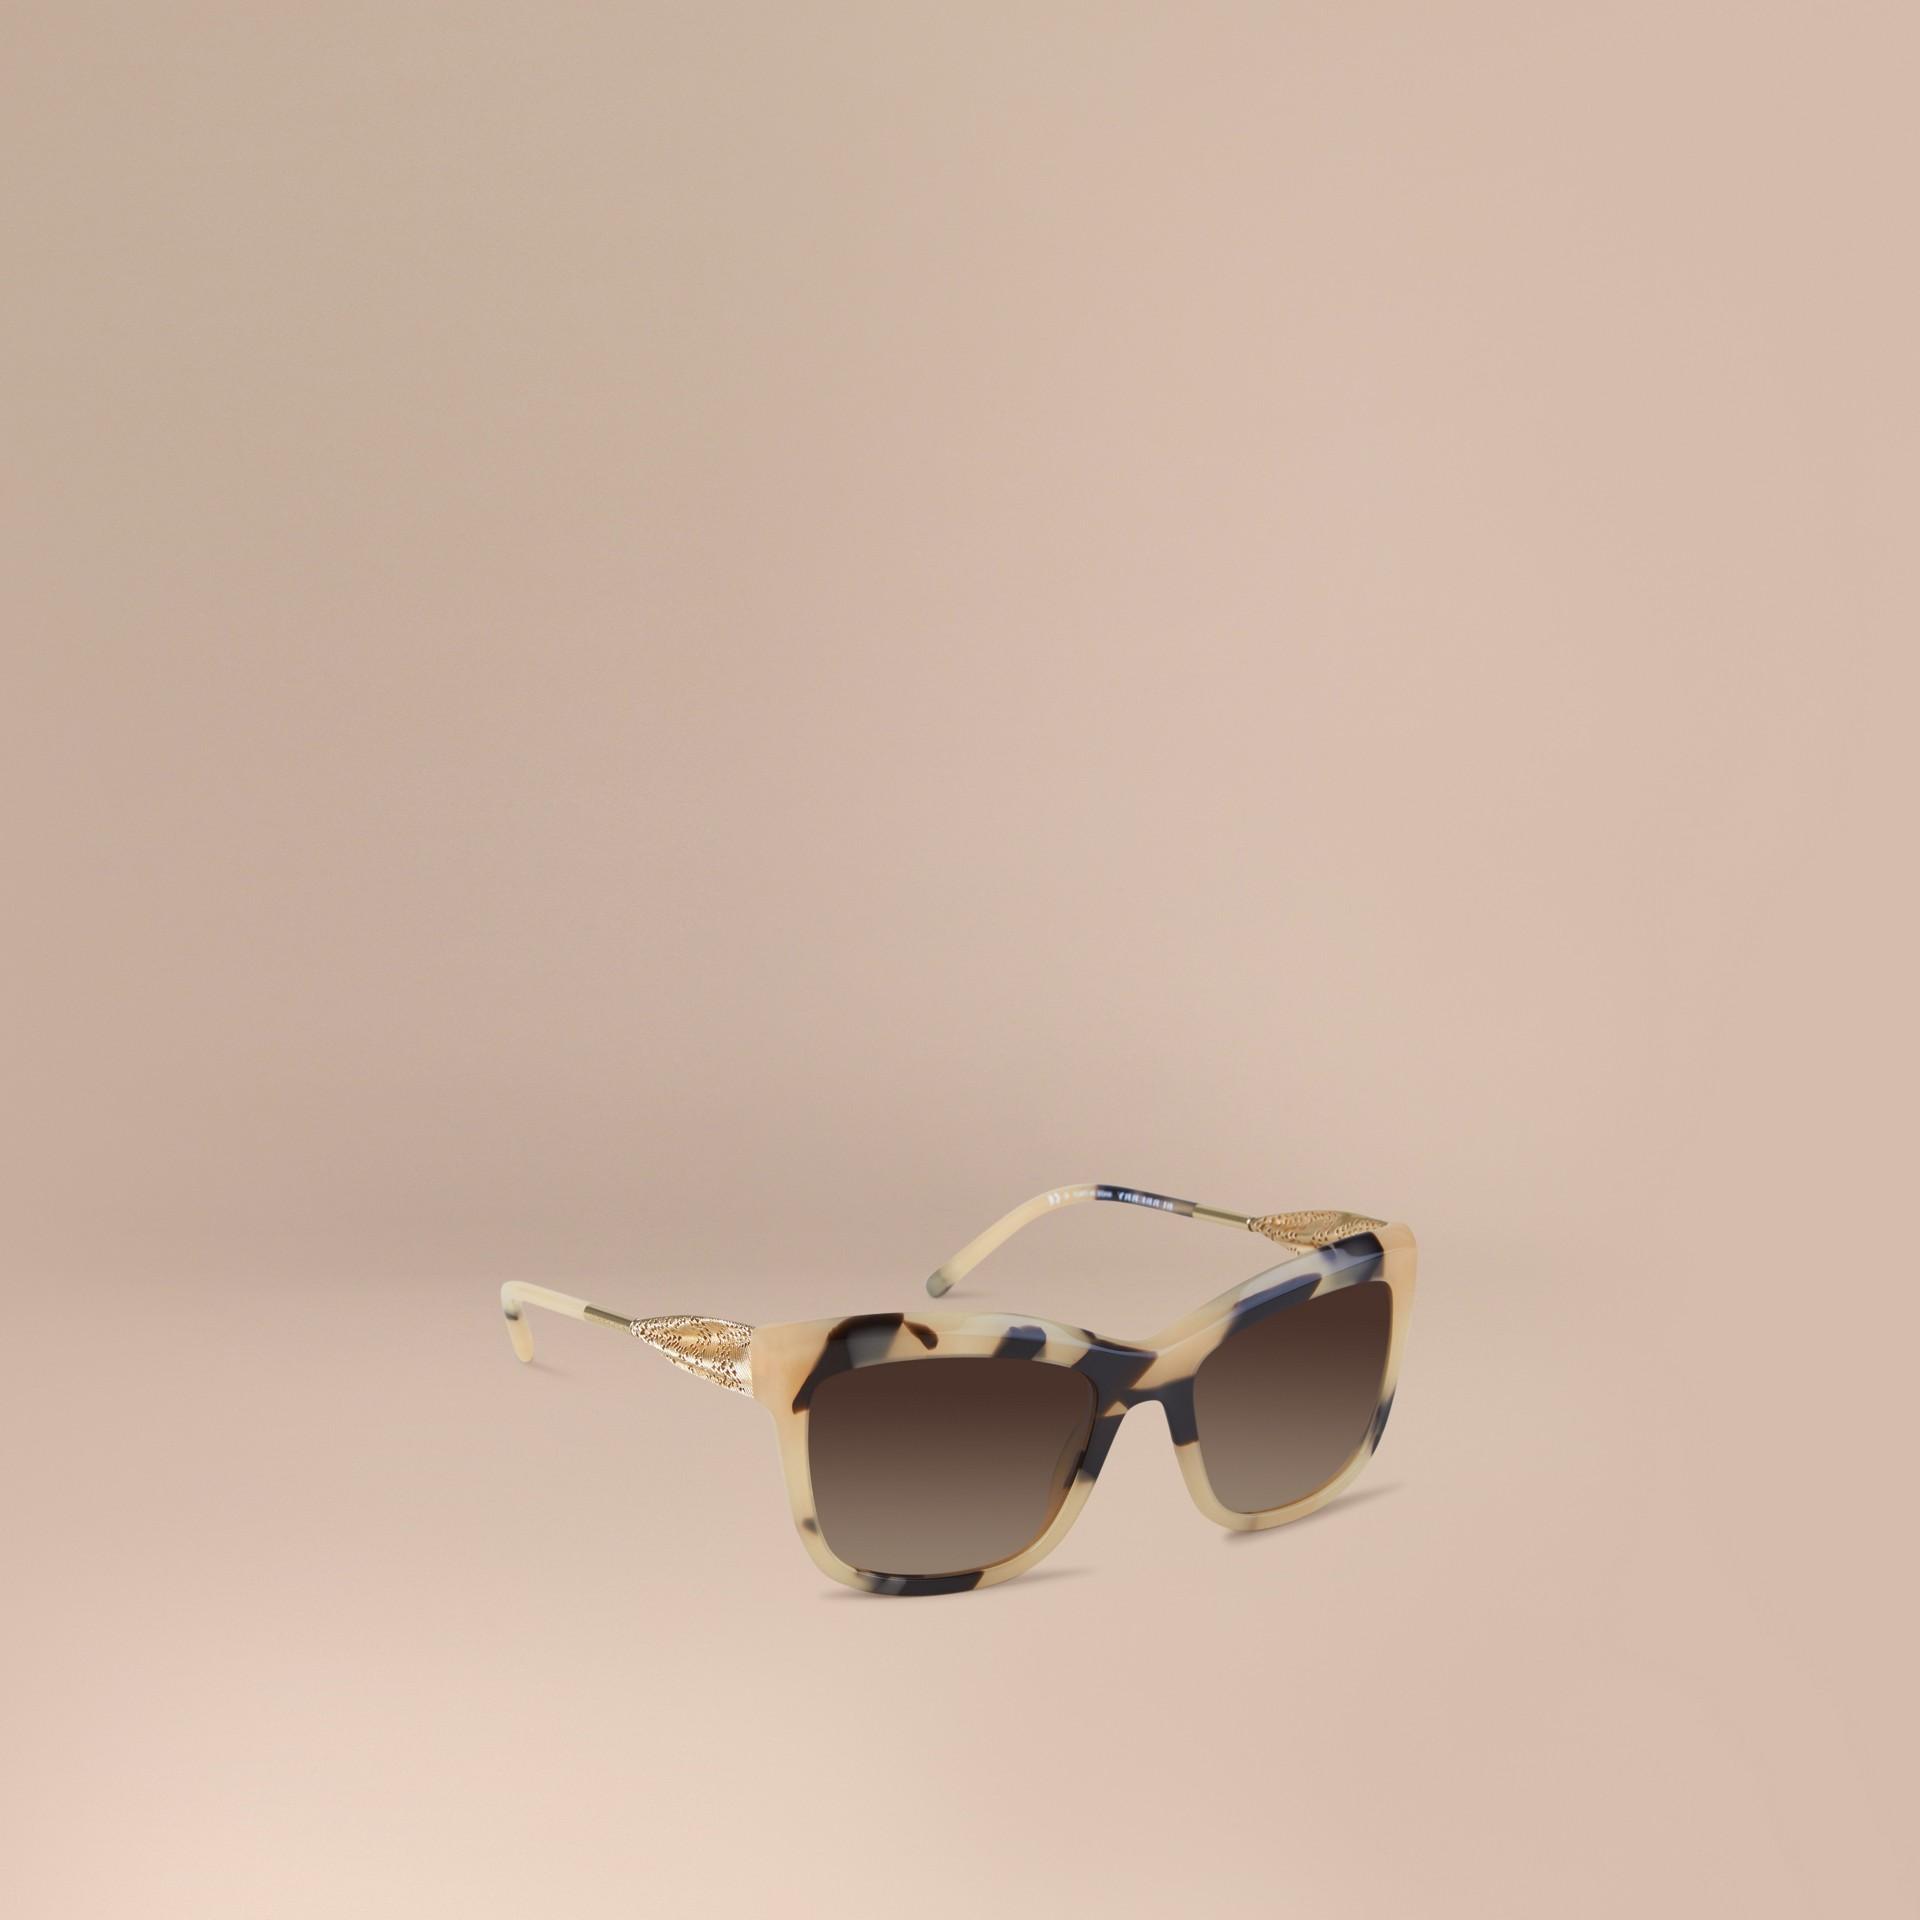 Tartarugato tonalità media Occhiali da sole con montatura quadrata collezione Pizzo di Gabardine Tartarugato Tonalità Media - immagine della galleria 1